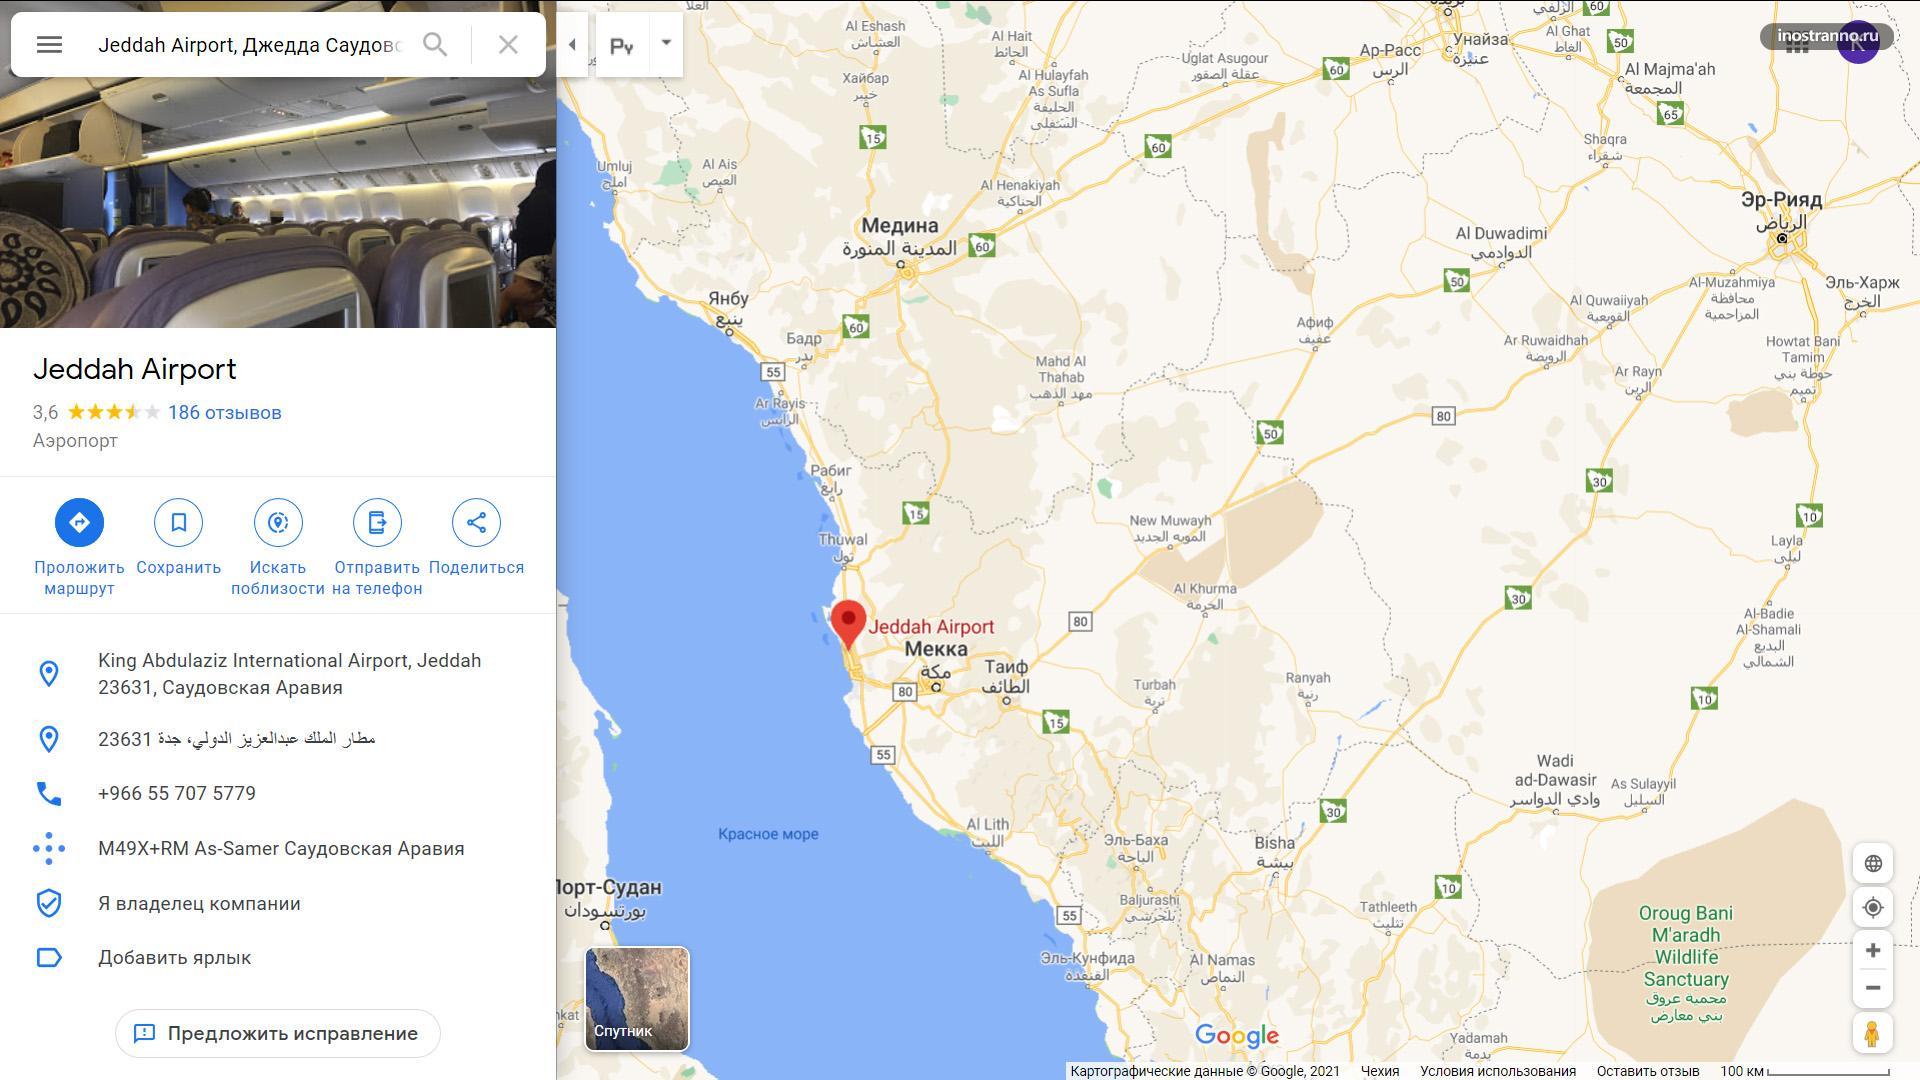 Расположение аэропорта Джидды на карте